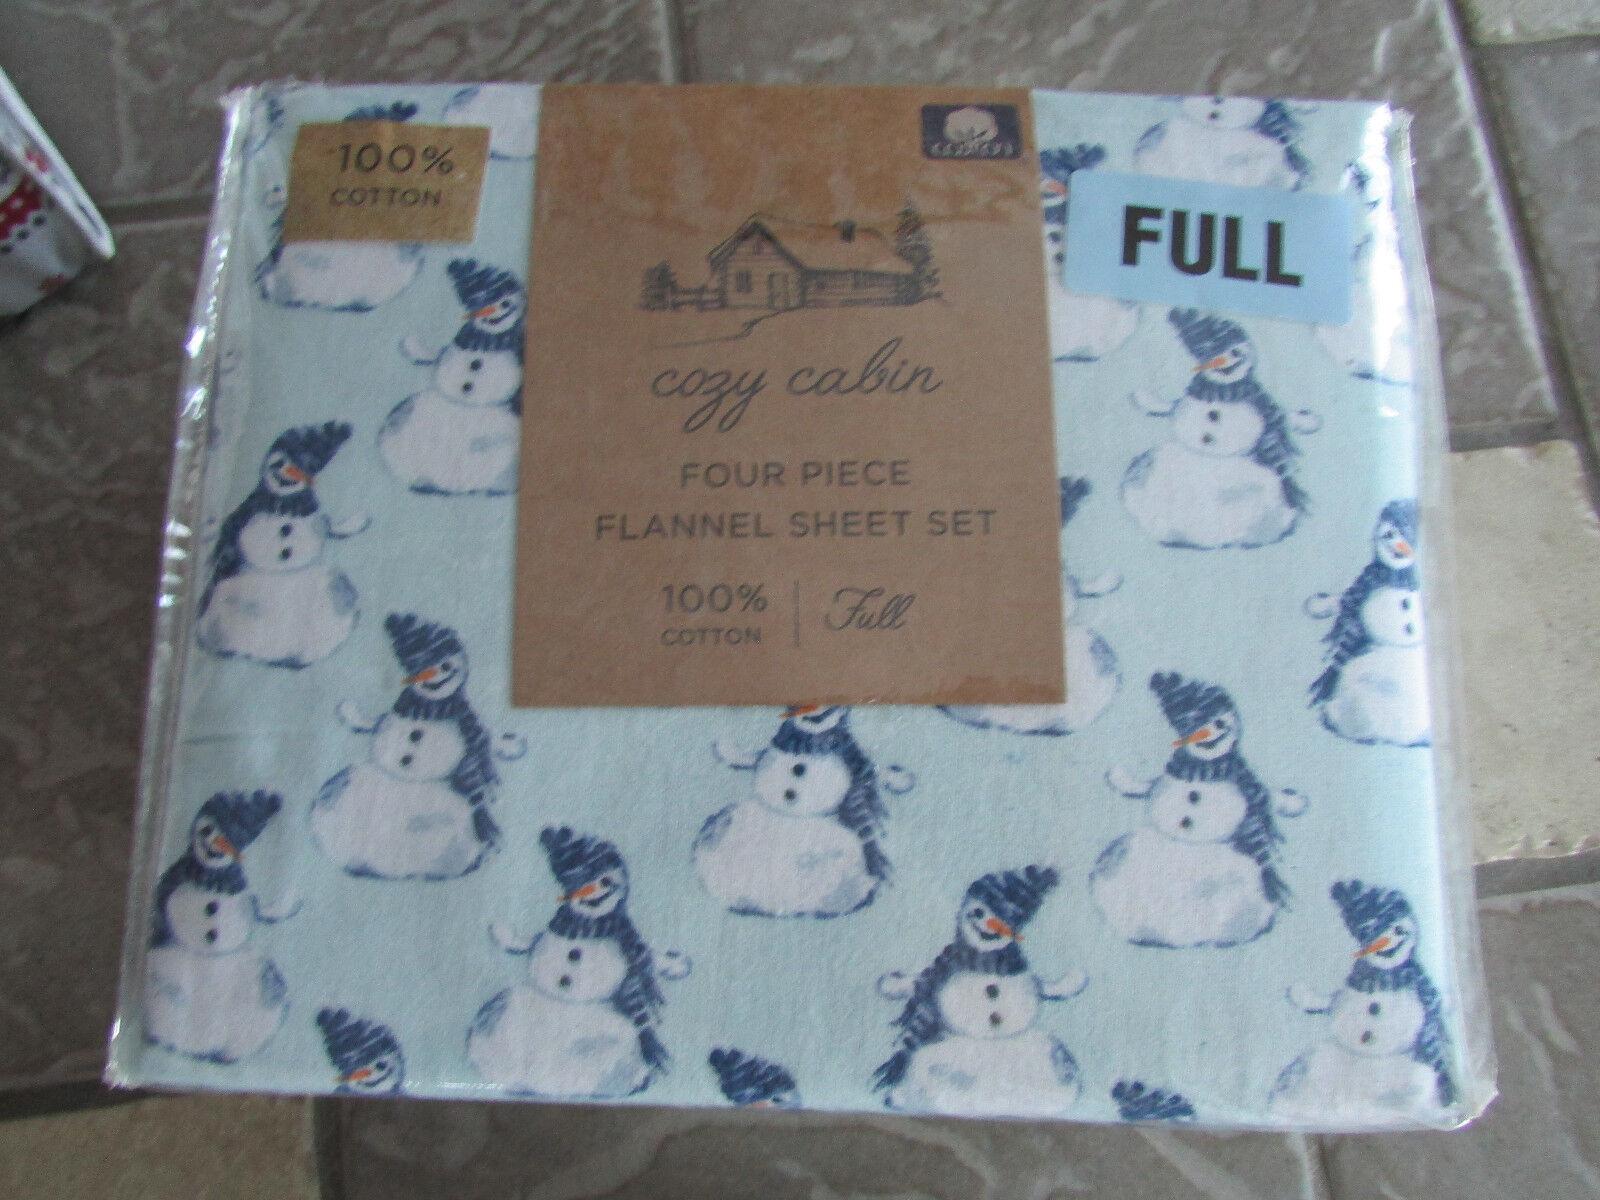 NEW FULL FLANNEL SHEET SET Blau SNOWMAN DOUBLE Größe SHEET SET COZY CABIN FLANNEL